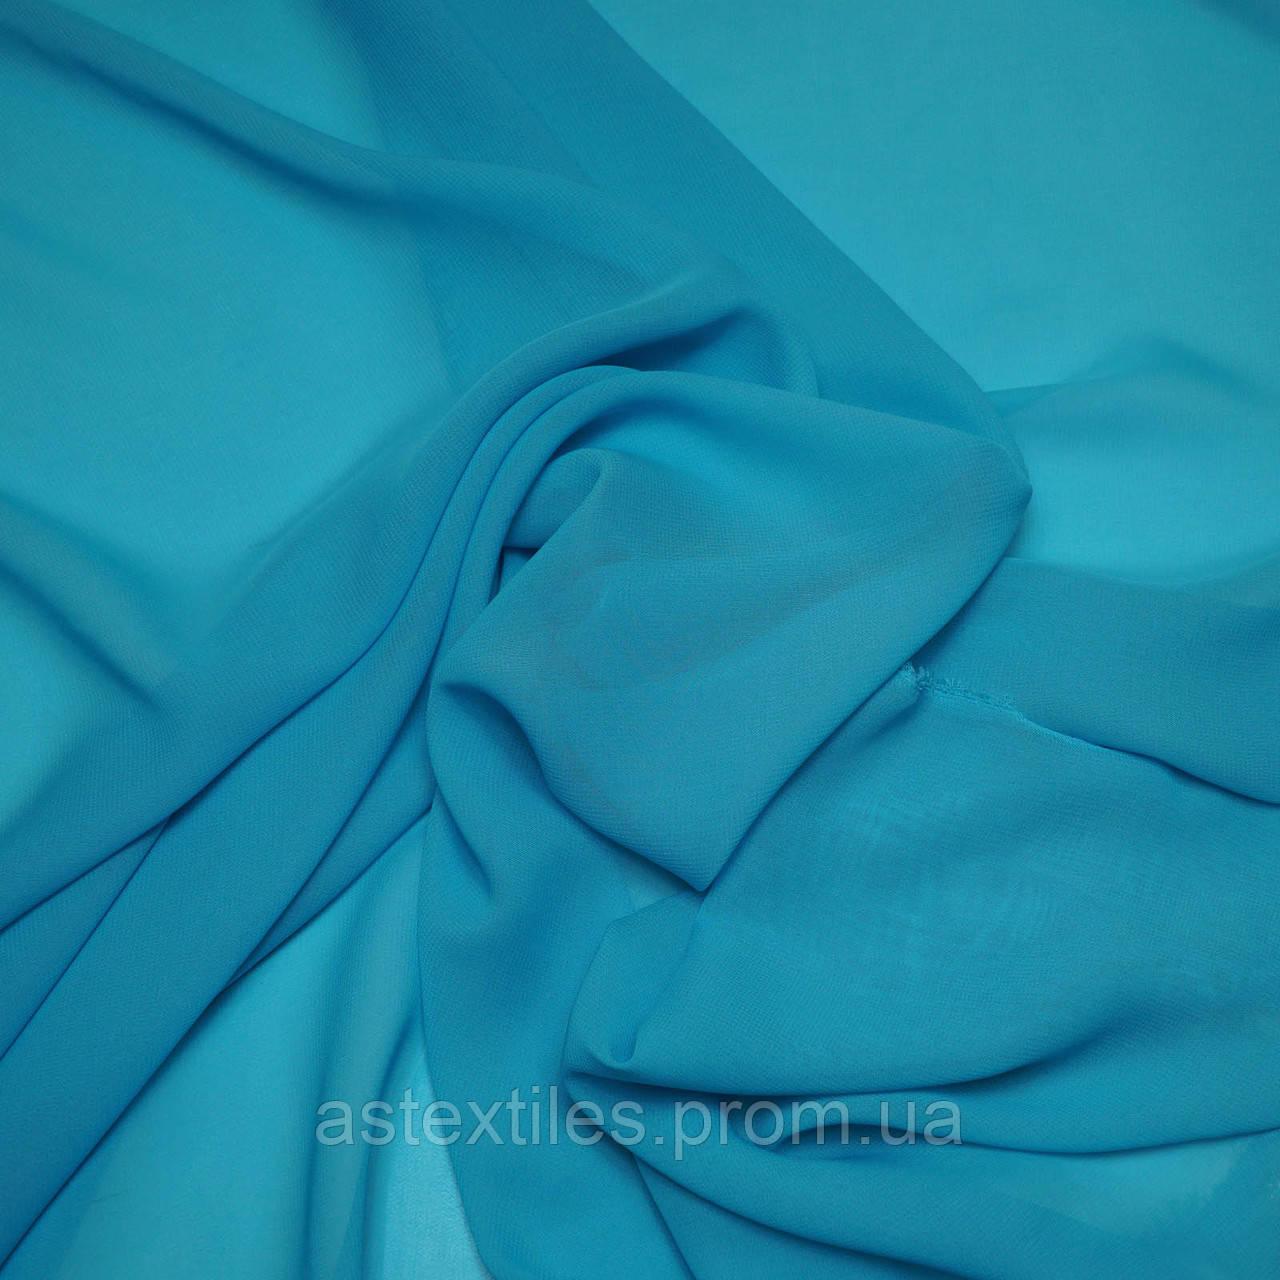 Шифон одежный однотонный (голубой)